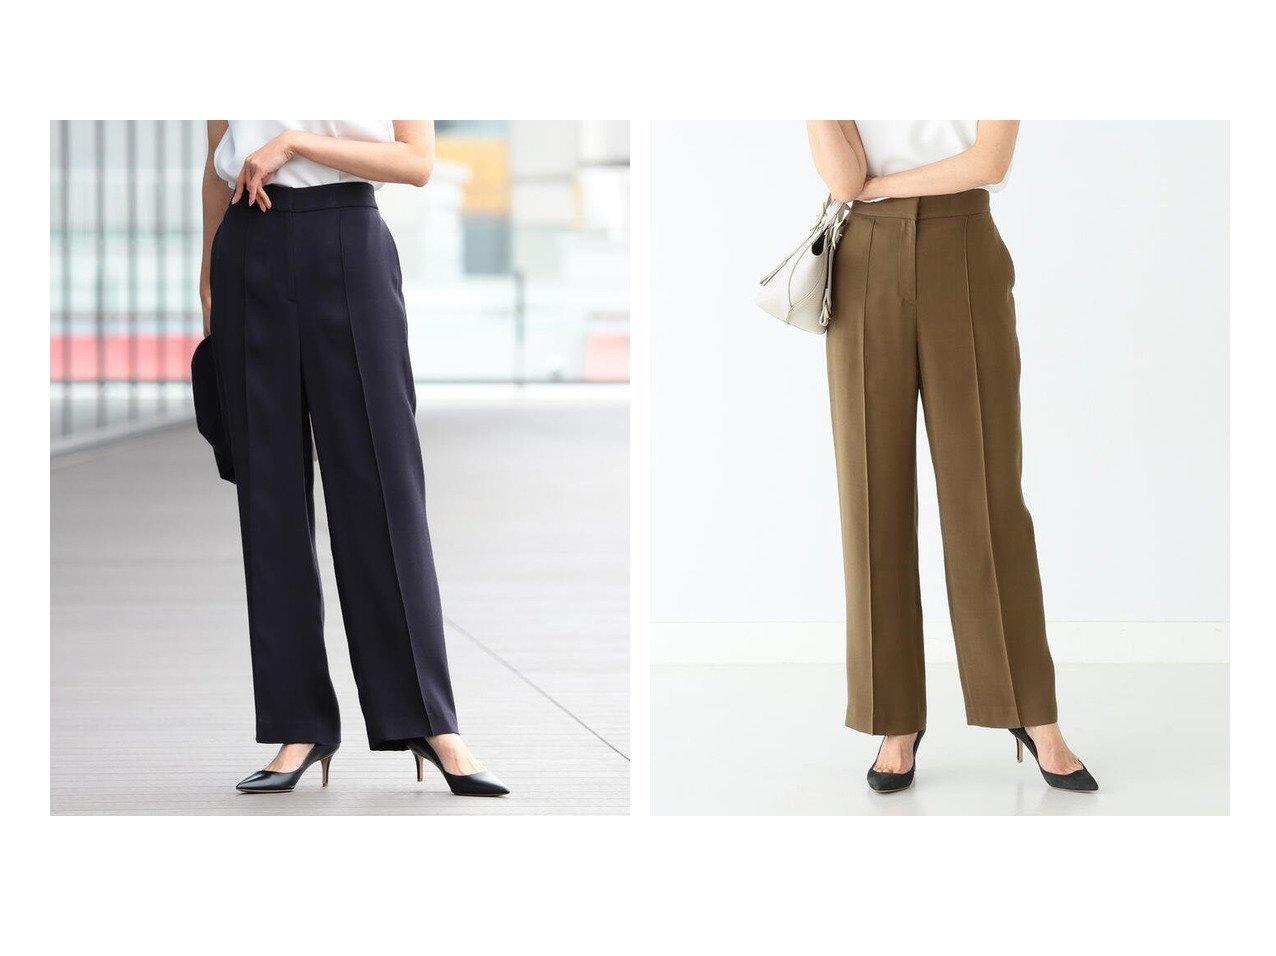 【Demi-Luxe BEAMS/デミルクス ビームス】のDemi- レーヨンシルク セミワイドパンツ 21FO パンツのおすすめ!人気、トレンド・レディースファッションの通販 おすすめで人気の流行・トレンド、ファッションの通販商品 メンズファッション・キッズファッション・インテリア・家具・レディースファッション・服の通販 founy(ファニー) https://founy.com/ ファッション Fashion レディースファッション WOMEN パンツ Pants とろみ シルク シンプル ジャケット センター バランス フィット フォーマル |ID:crp329100000024694